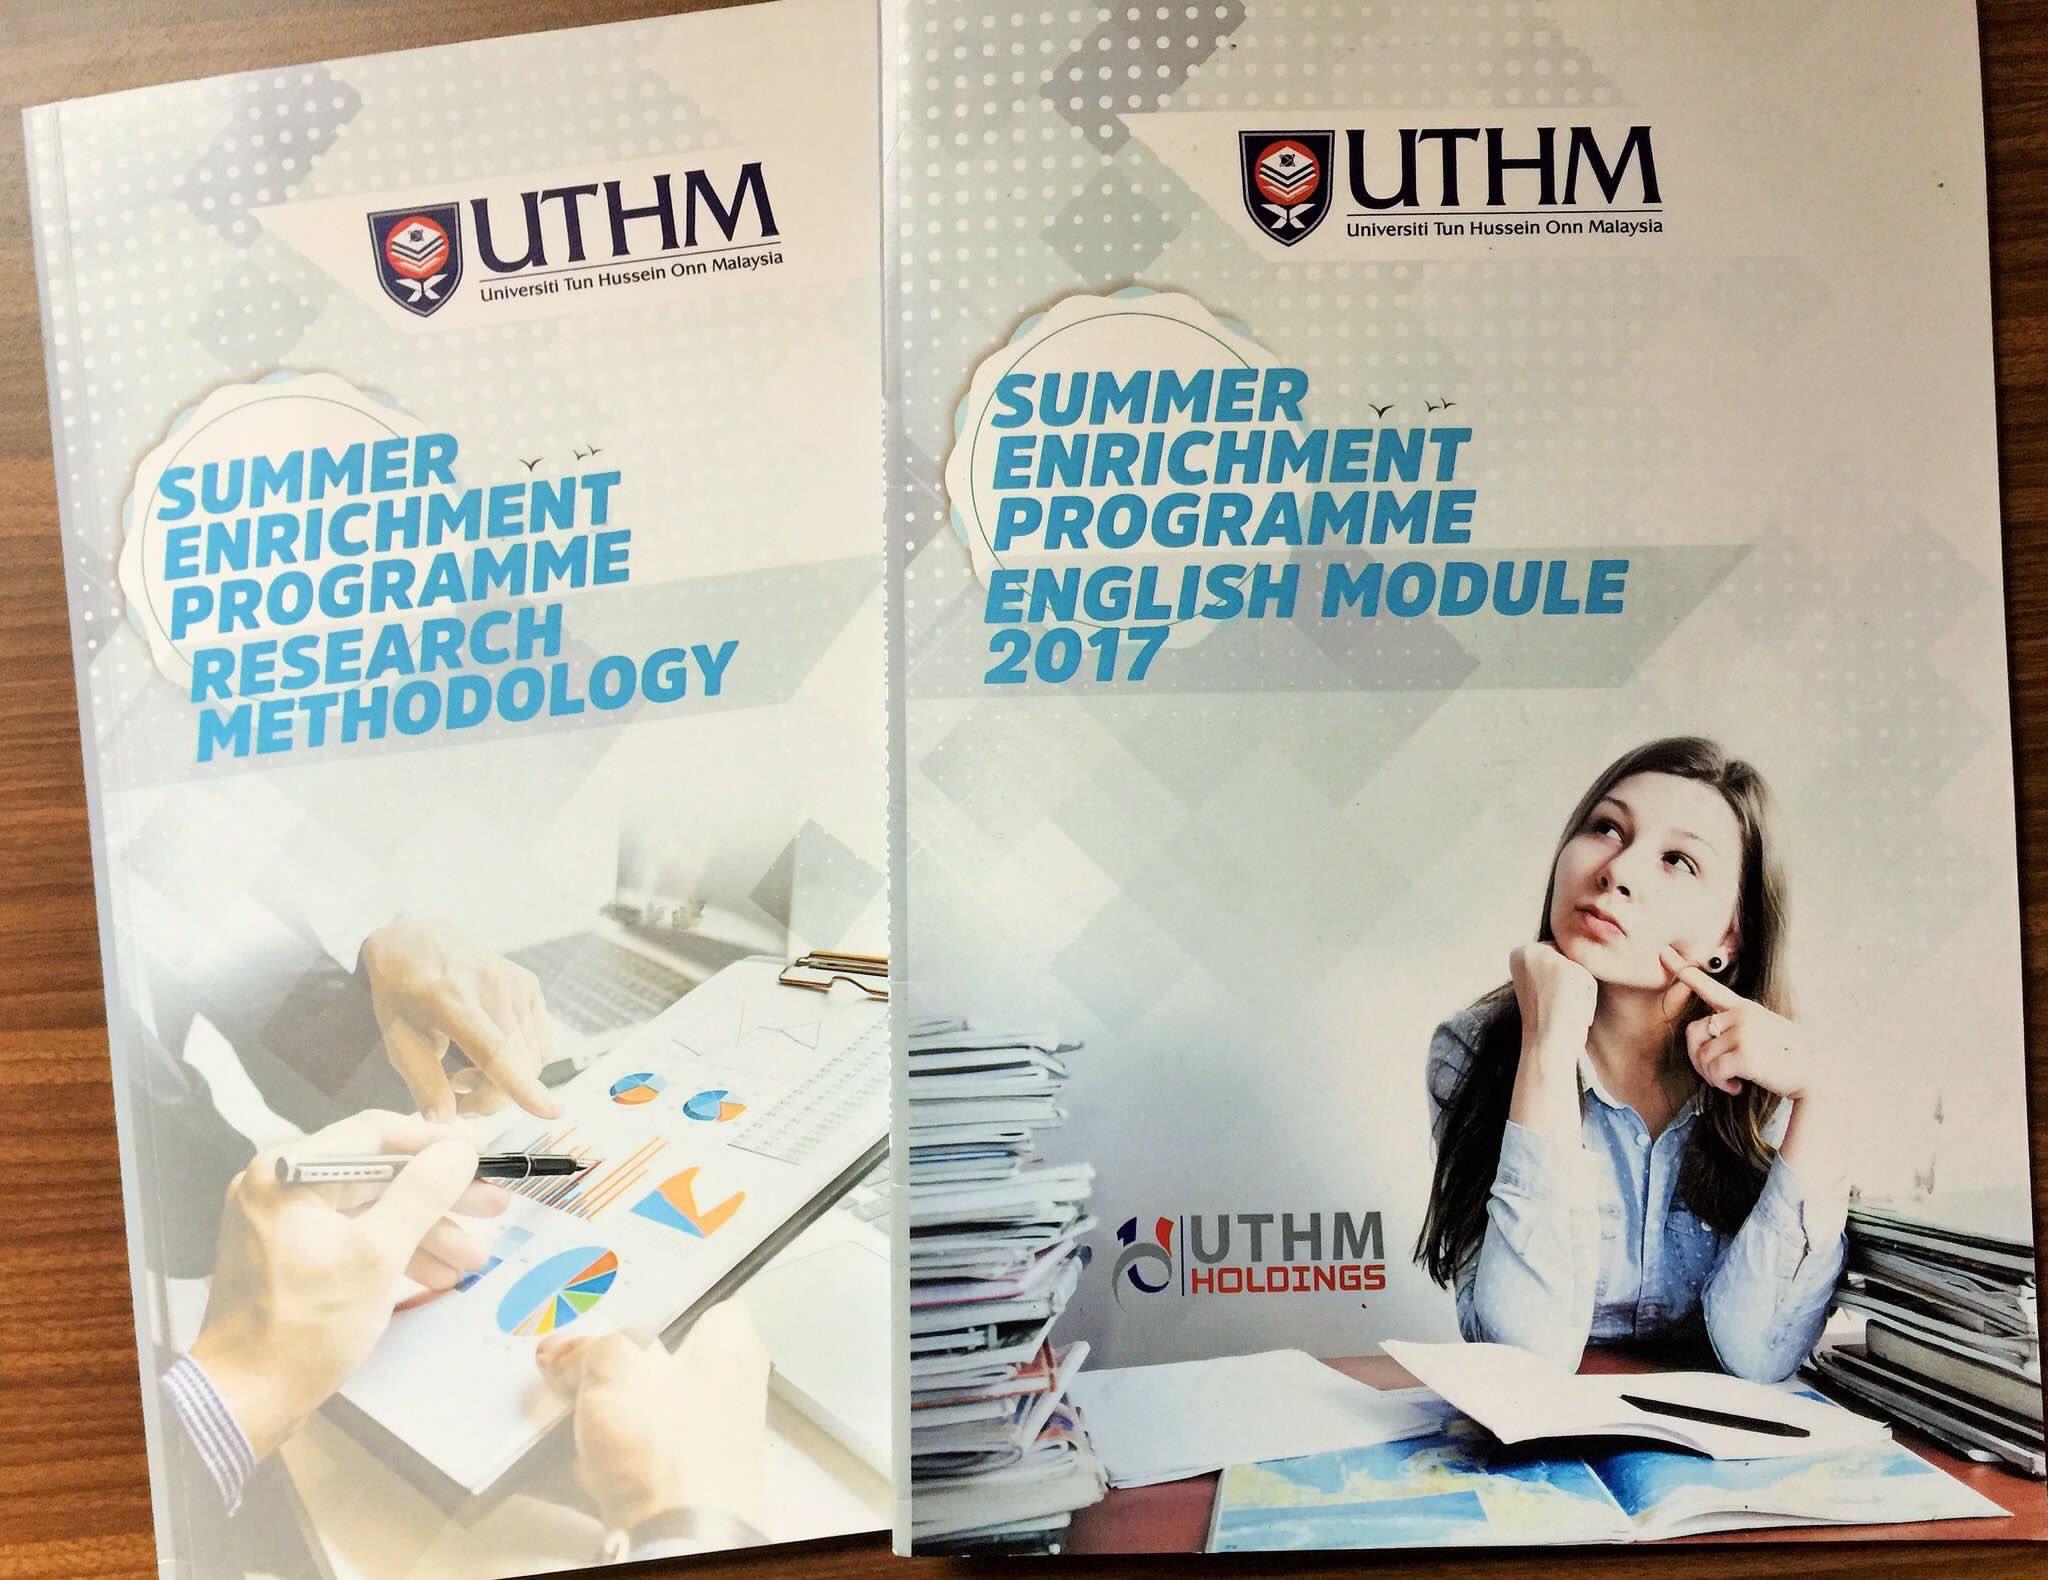 اختتام البرنامج الإثرائي الصيفي الخارجي للطالبات المتفوقات في ماليزيا